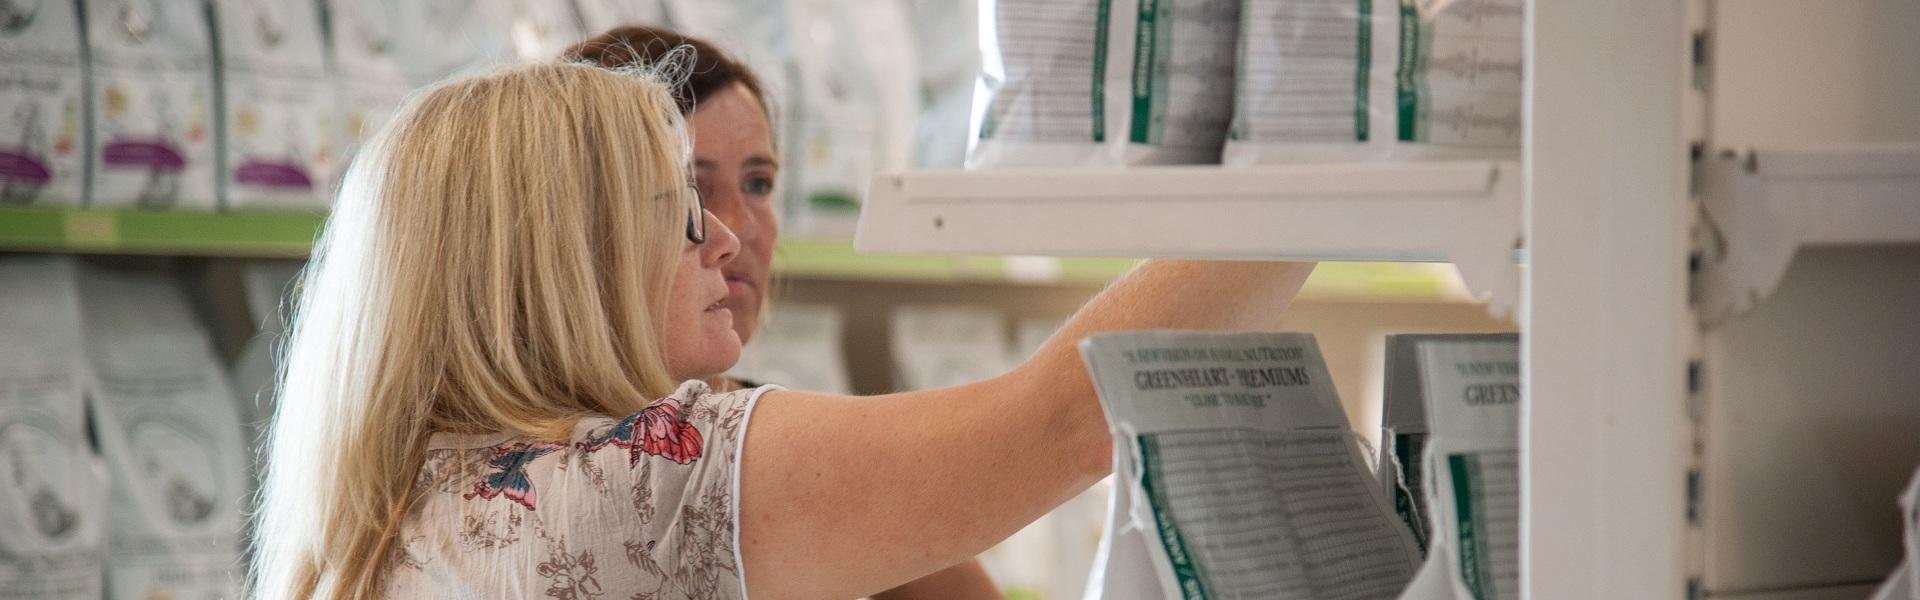 Greenheart Austria - Online Shop und Filiale in St. Pölten